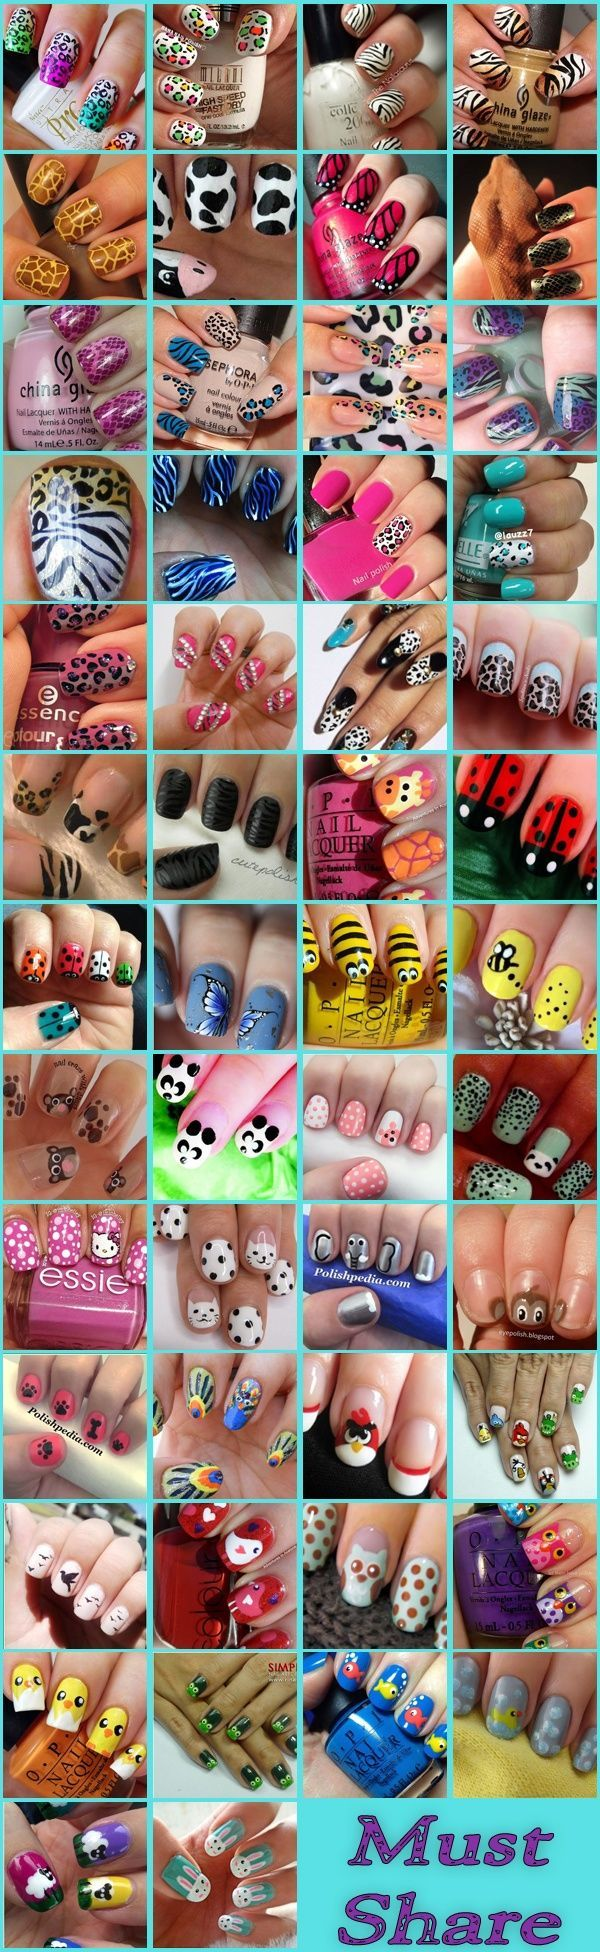 3099 besten Nails Bilder auf Pinterest | Nagelkunst, Nagelkunst ...